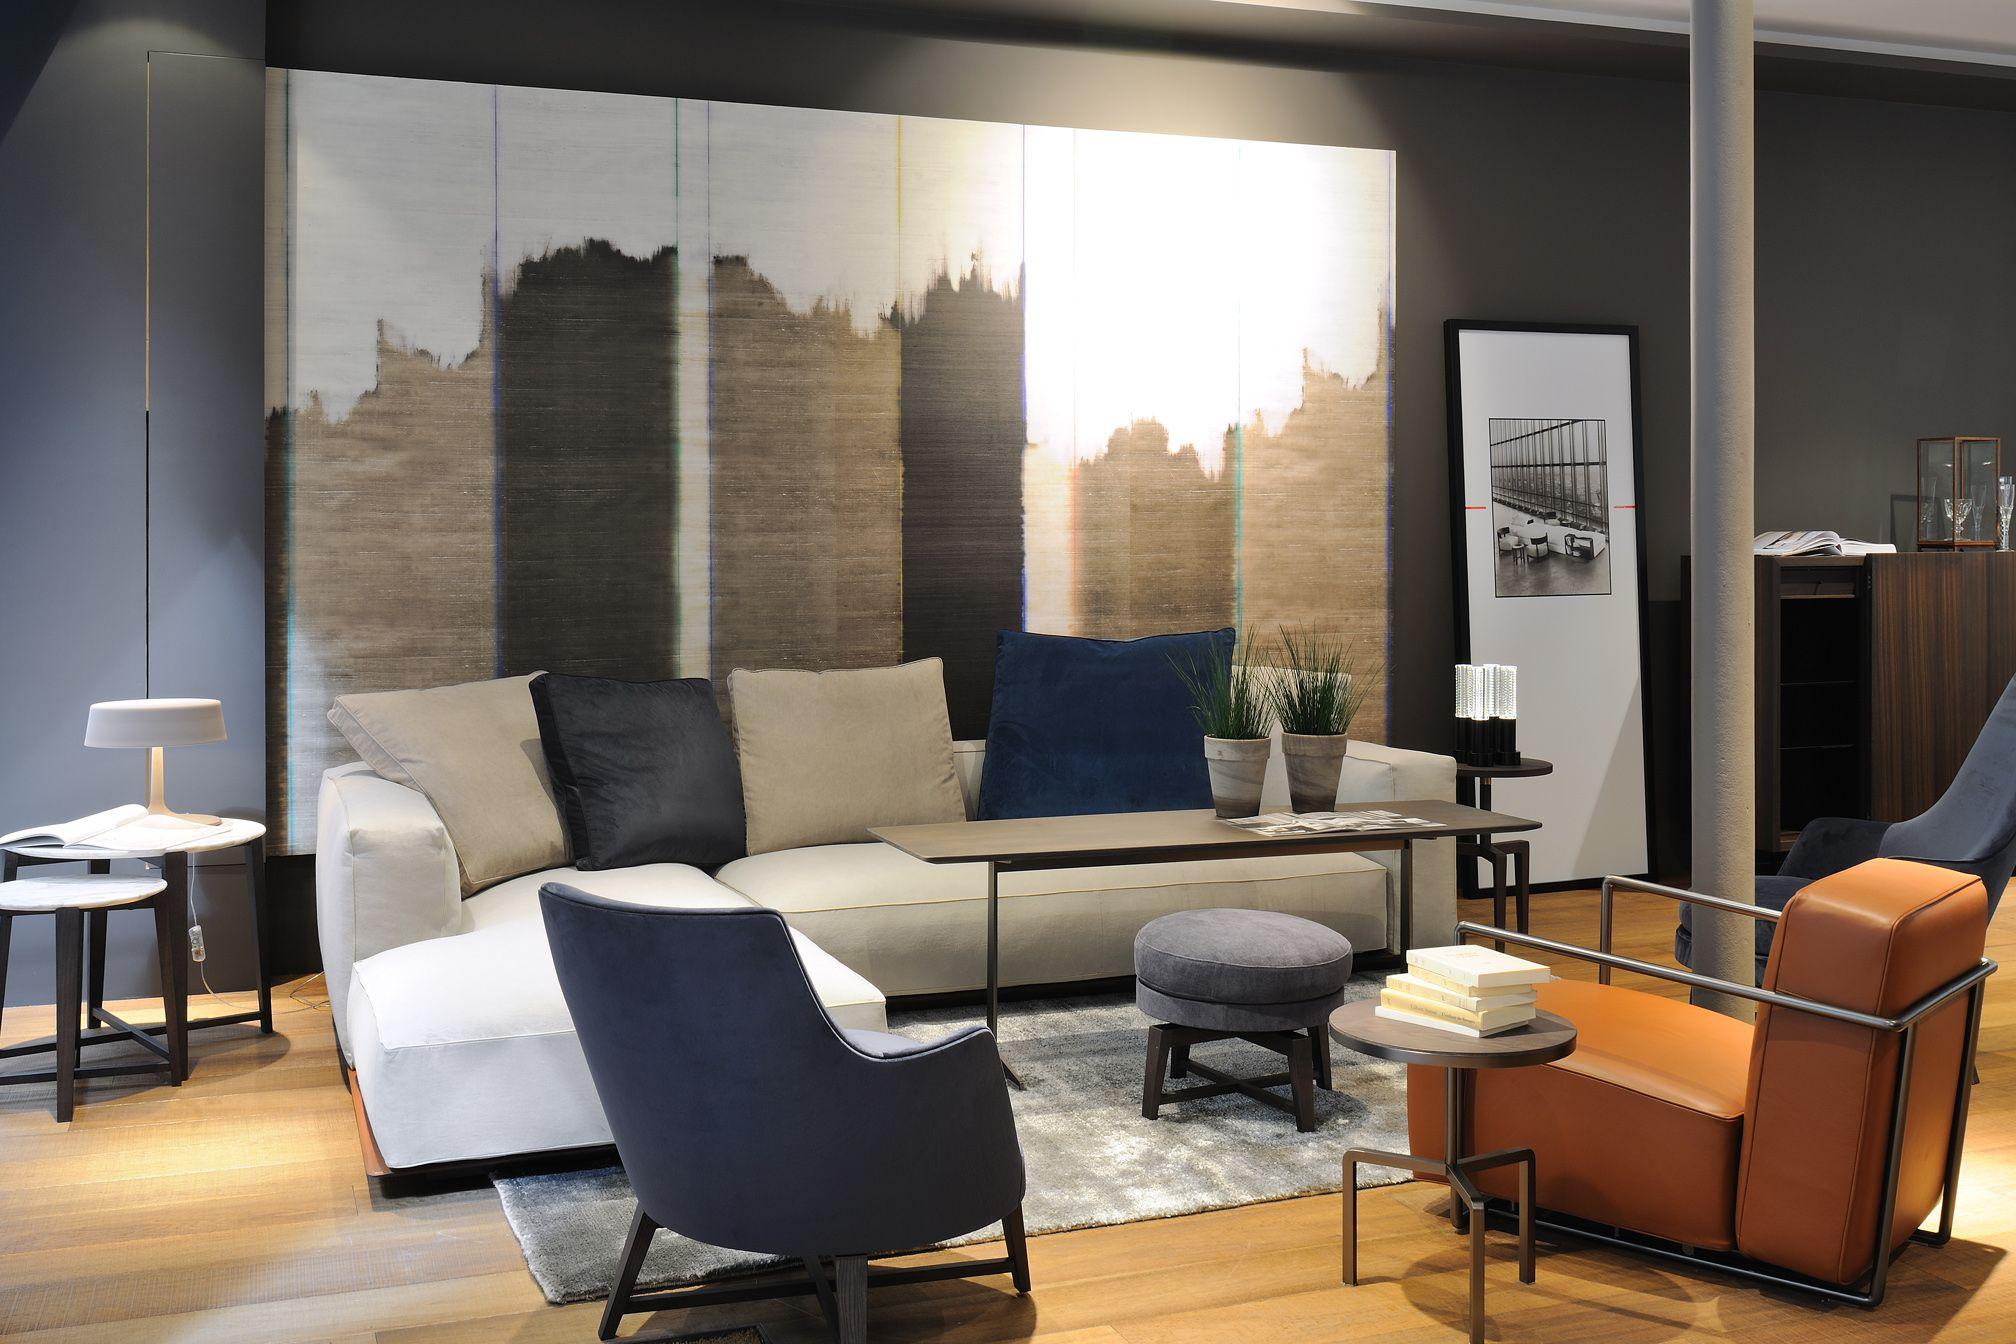 claude cartier d coration espace 25 rue auguste comte lyon interiors pinterest living. Black Bedroom Furniture Sets. Home Design Ideas